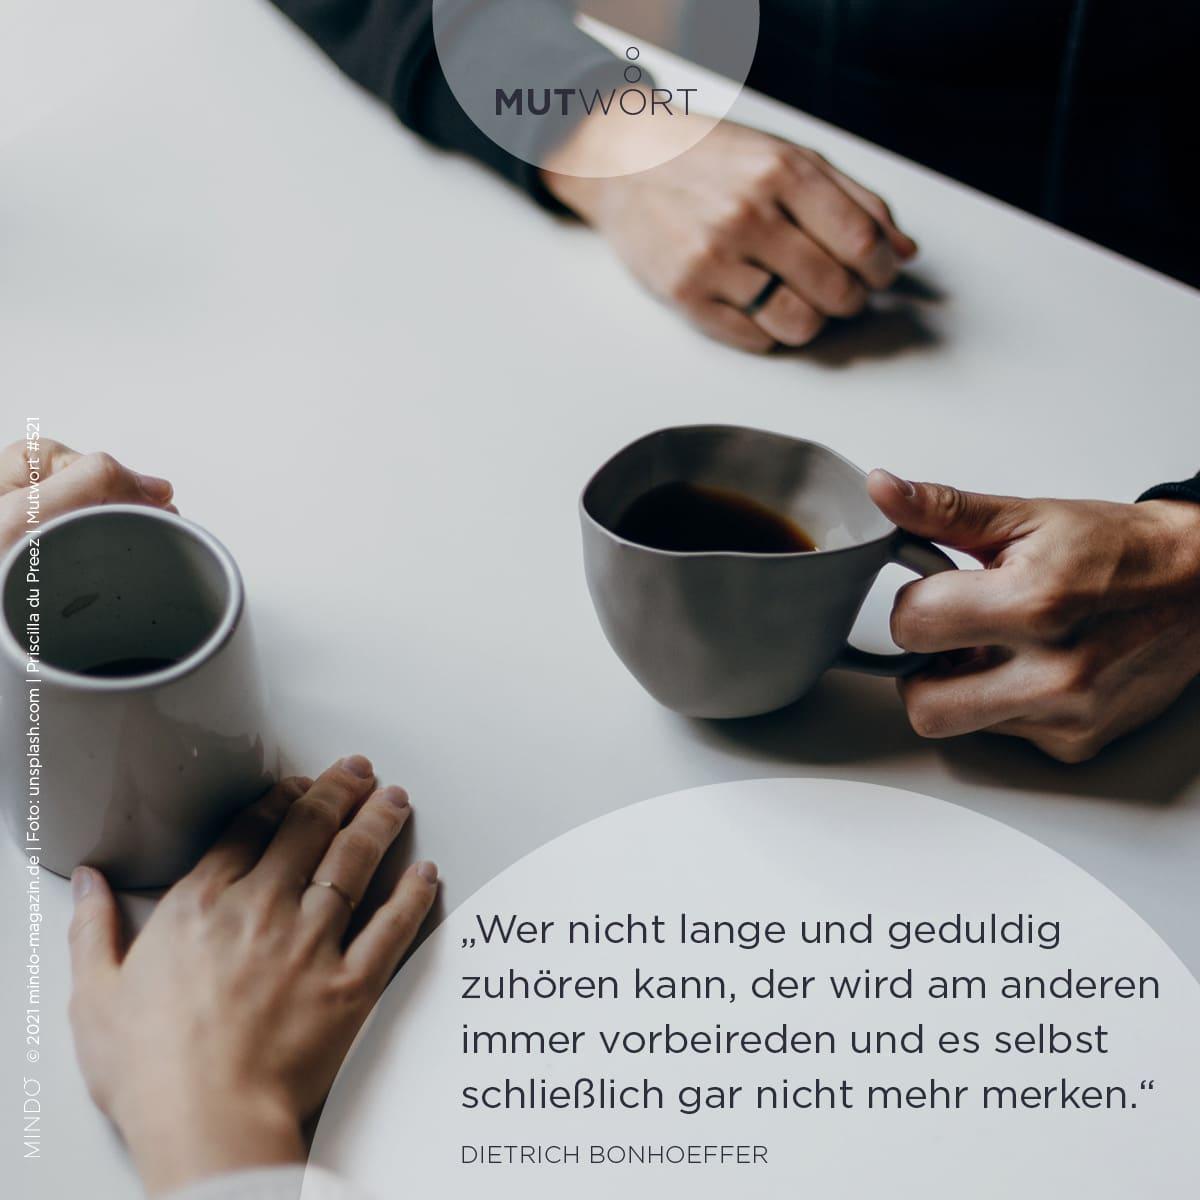 Wer nicht lange und geduldig zuhören kann, der wird am anderen immer vorbeireden und es selbst schließlich gar nicht mehr merken. – Dietrich Bonhoeffer